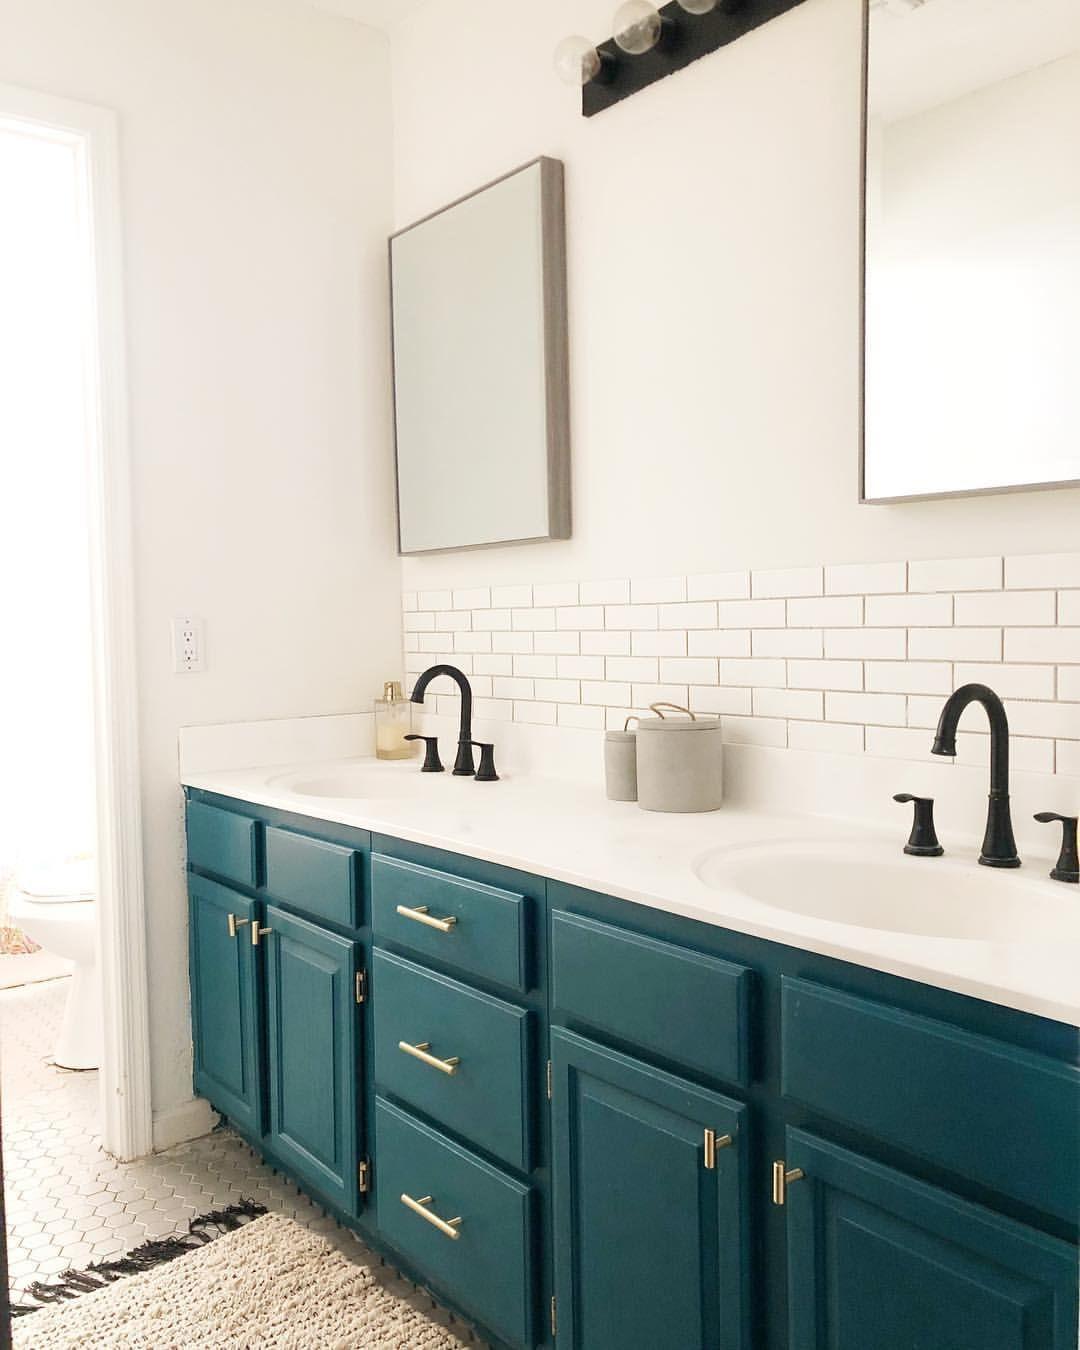 Modern Bathroom Makeover Inspiration Teal Cabinets Double Vanity Teal Bathroom Double Vanity Bathroom Painting Bathroom Cabinets